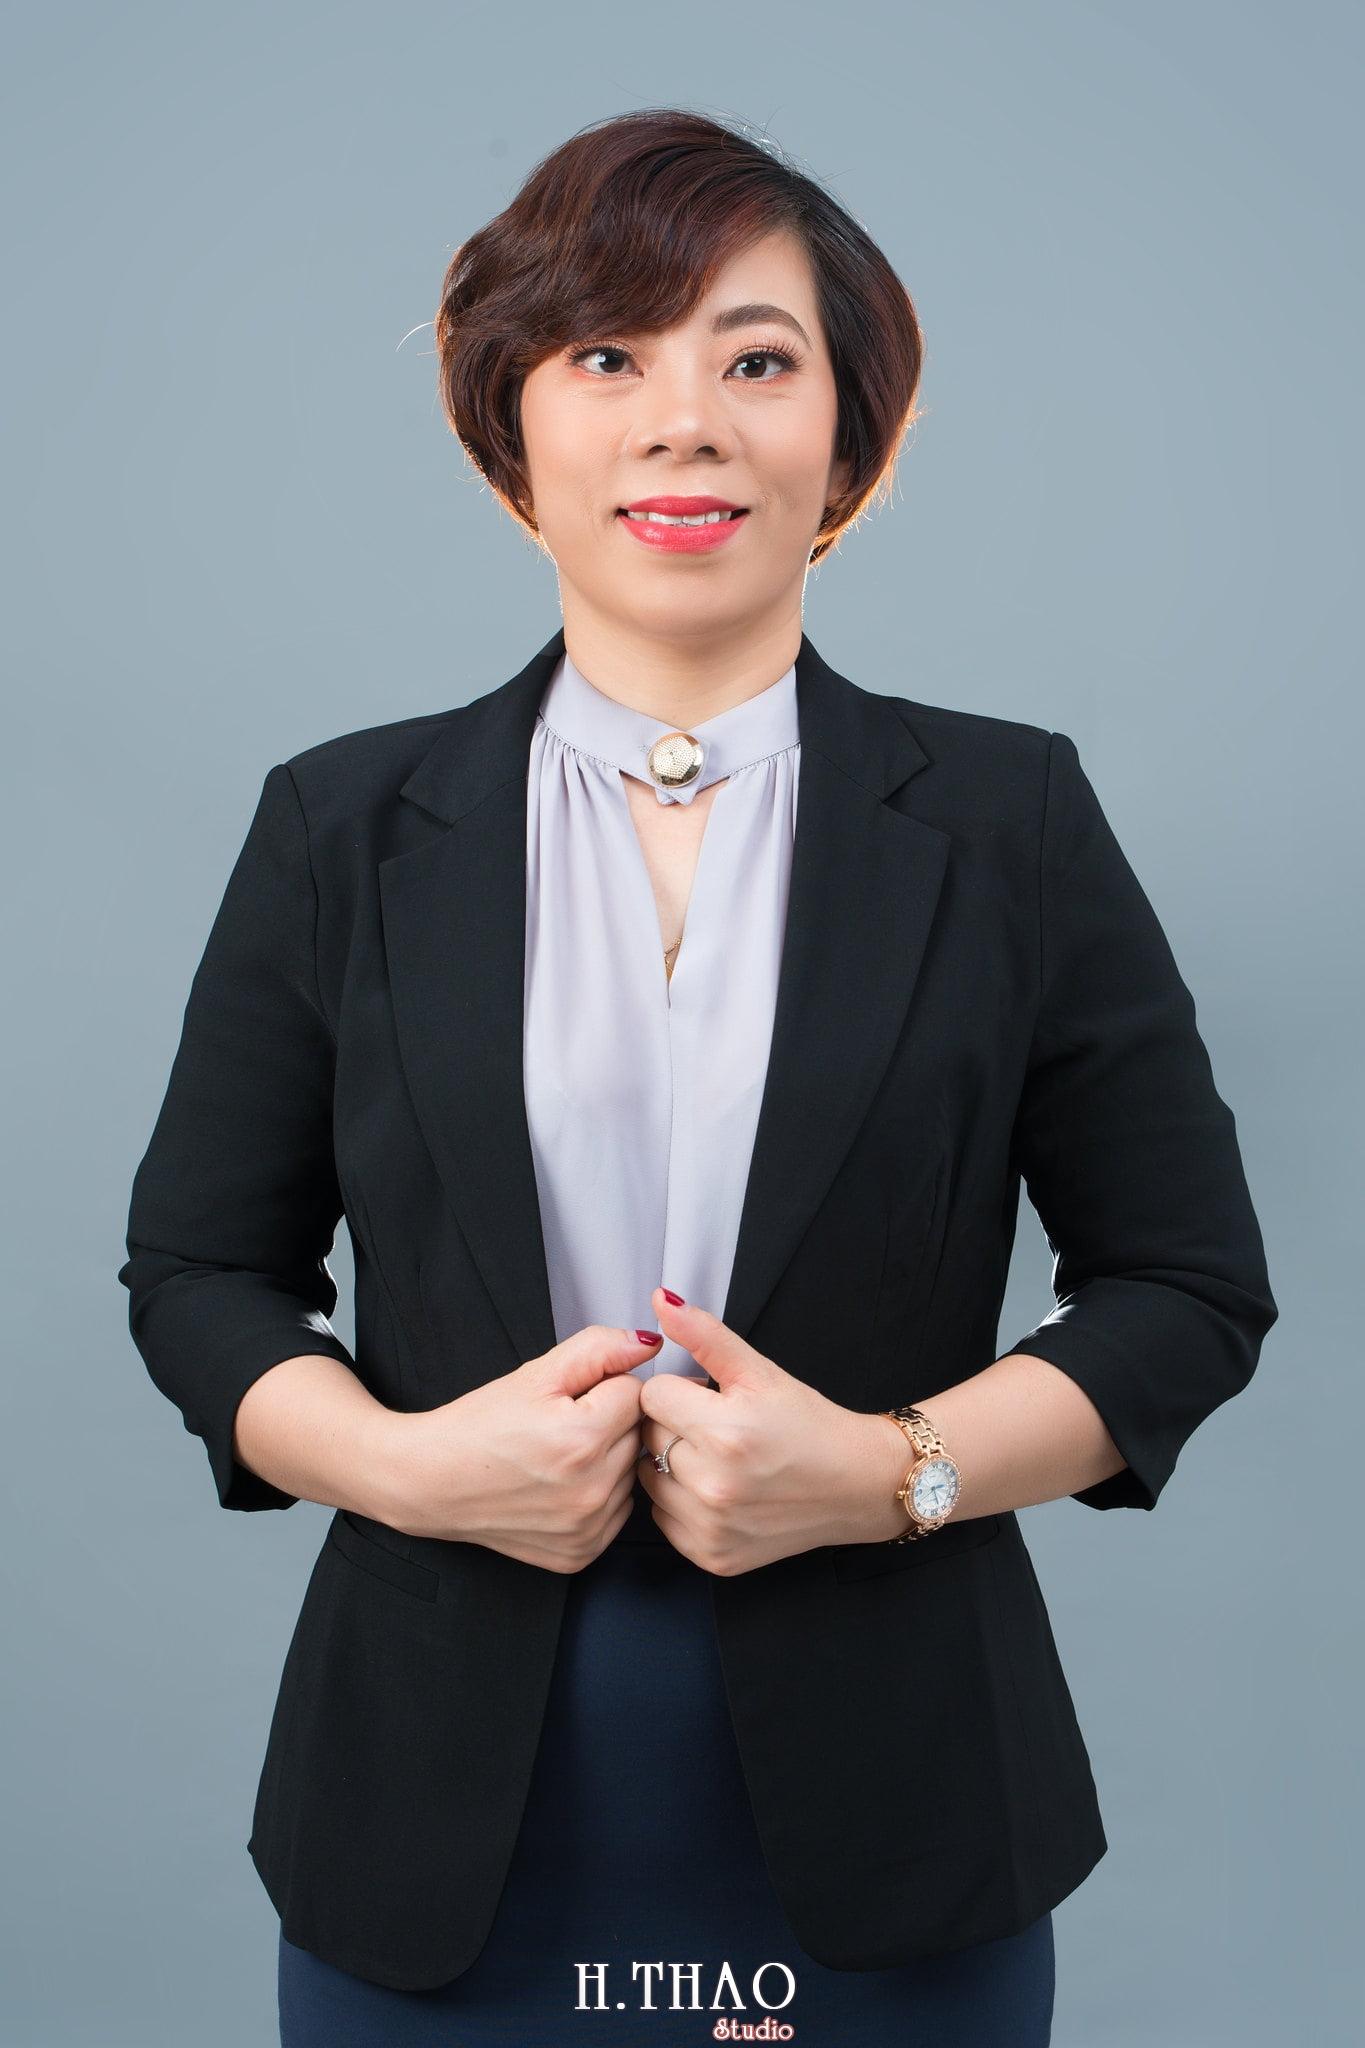 Chi An Hisa 1 - Dịch vụ chụp ảnh chân dung doanh nhân tại Tp.HCM - HThao Studio